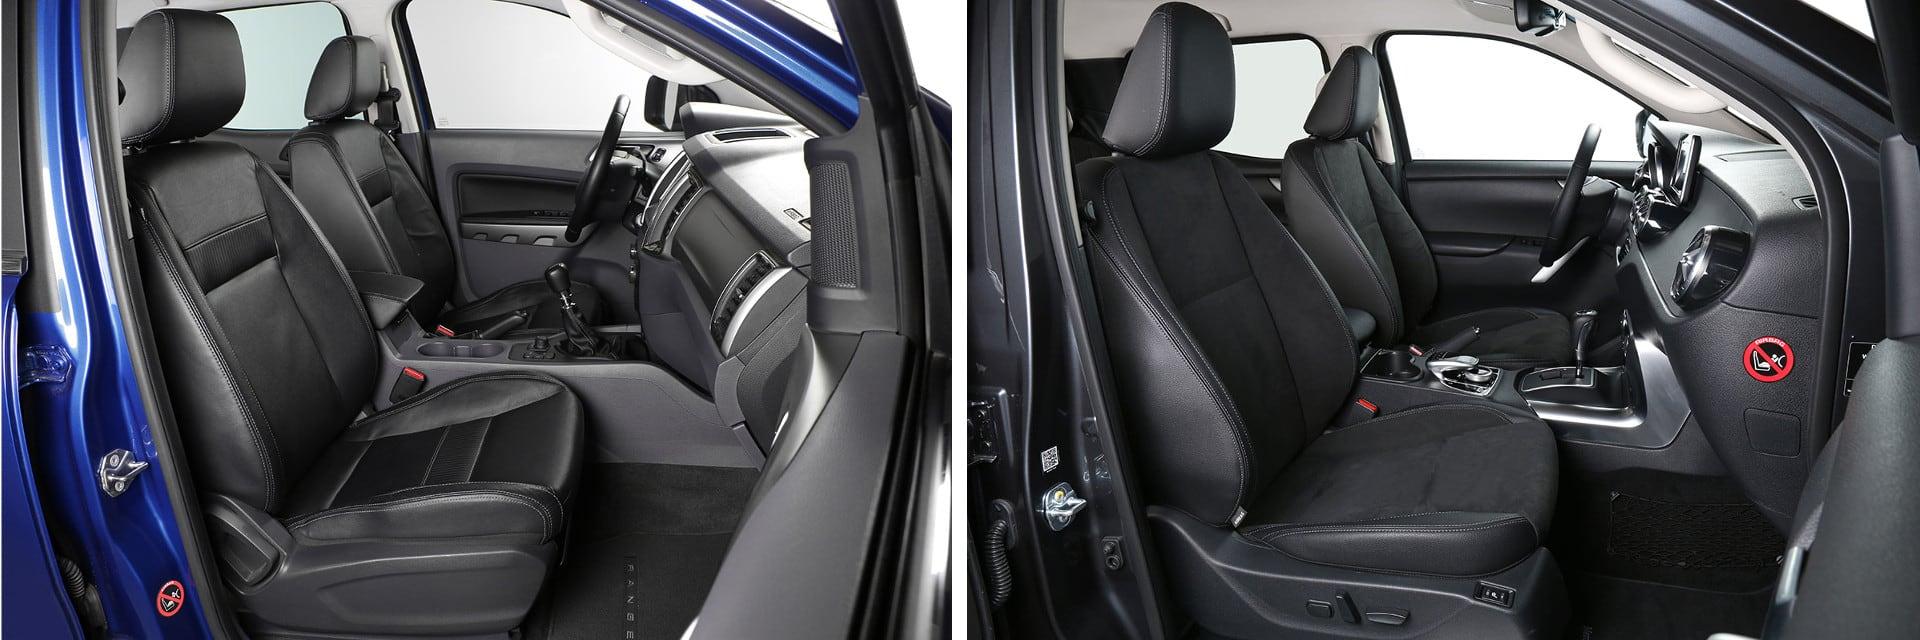 Los asientos delanteros pueden tener tanto calefacción como ajustes eléctricos.